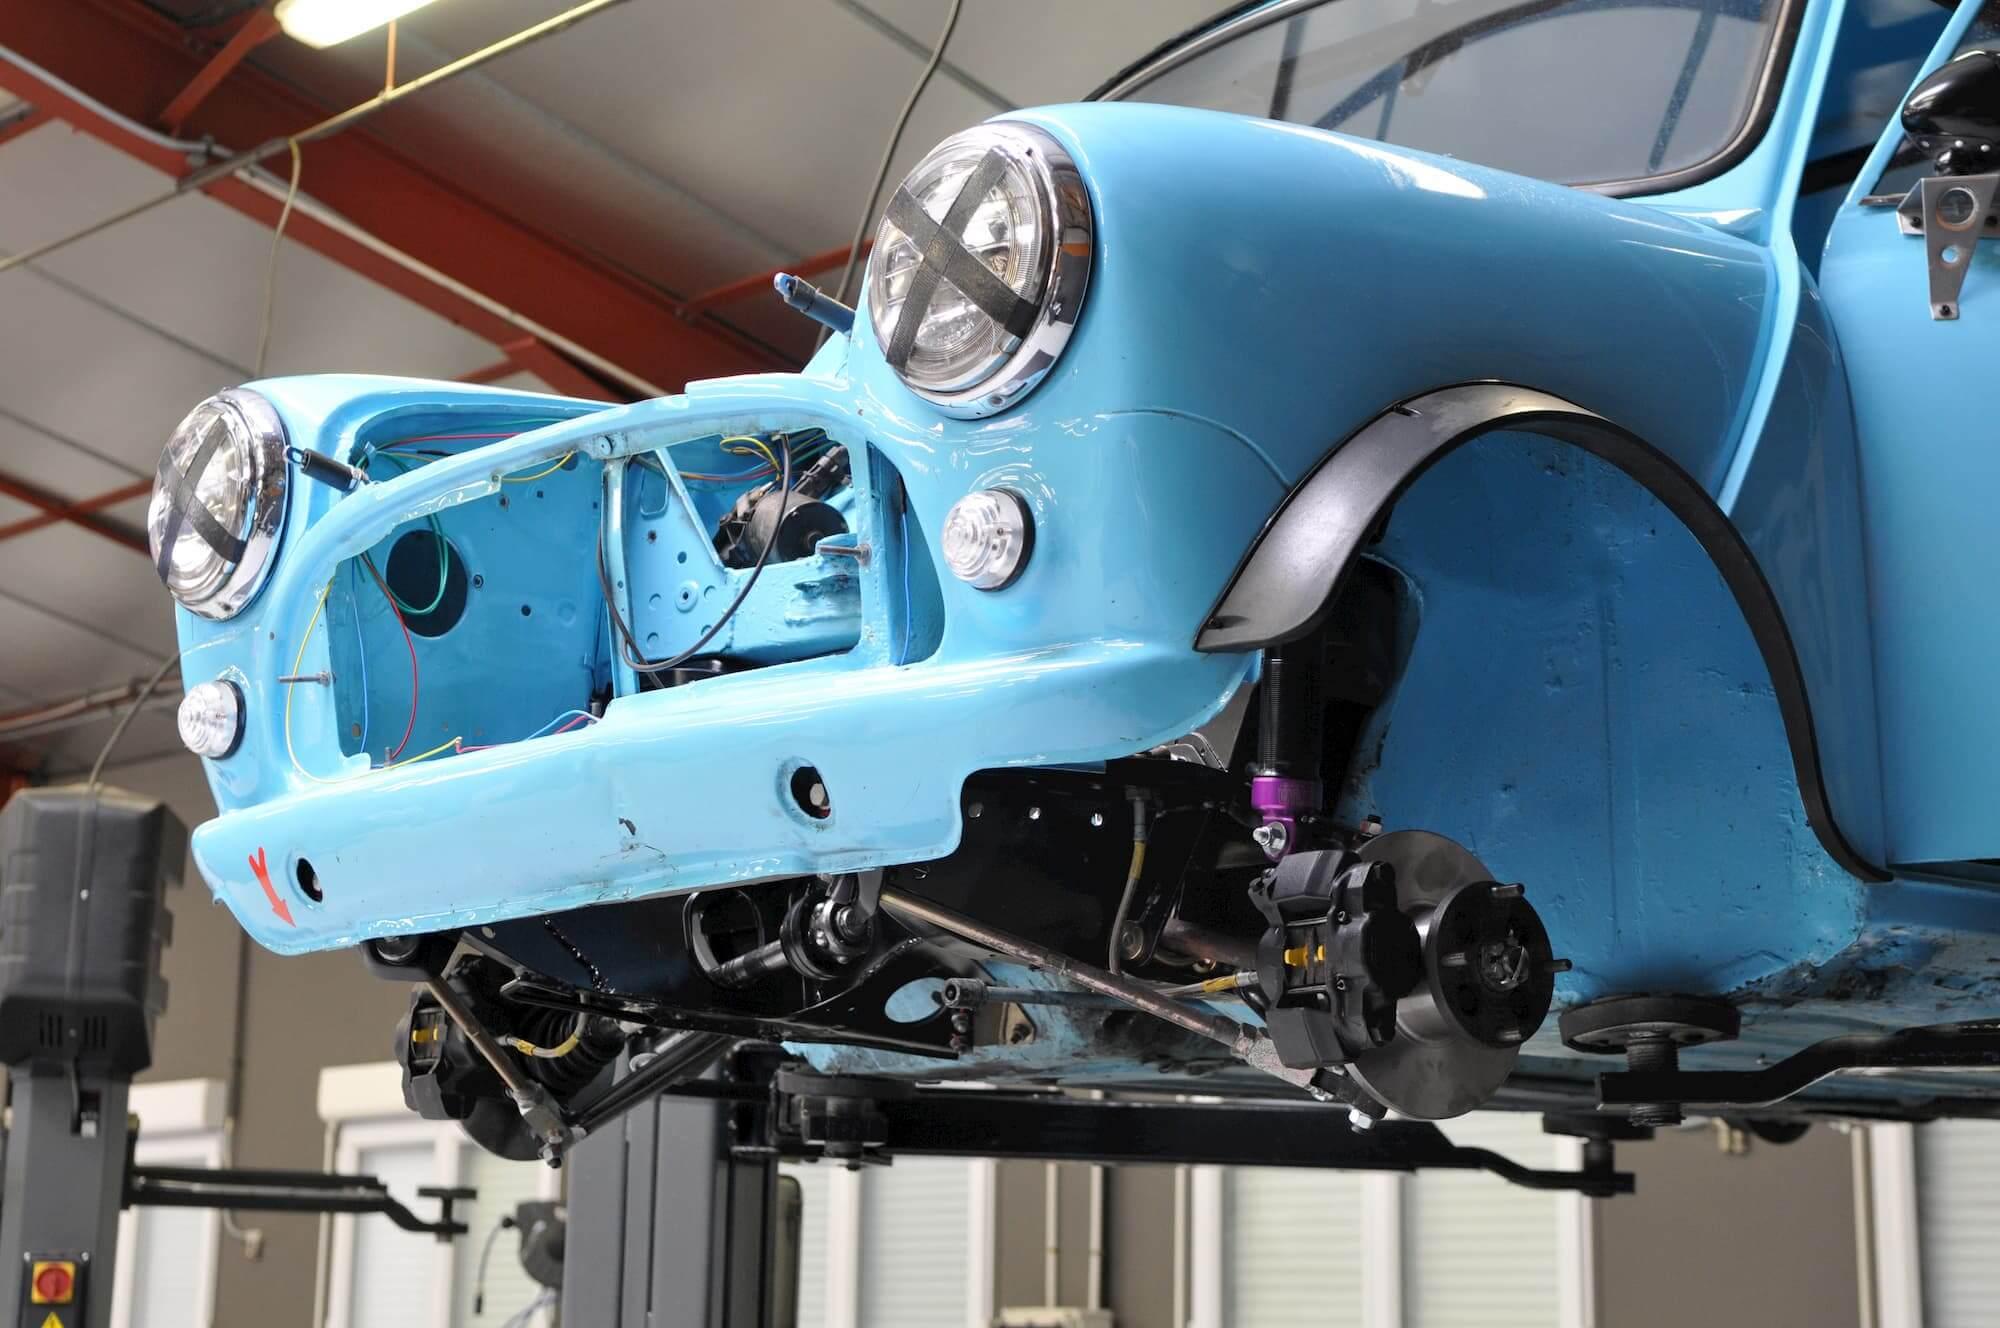 Banc de puissance - Mini Austin pour la compétition - Race engineering